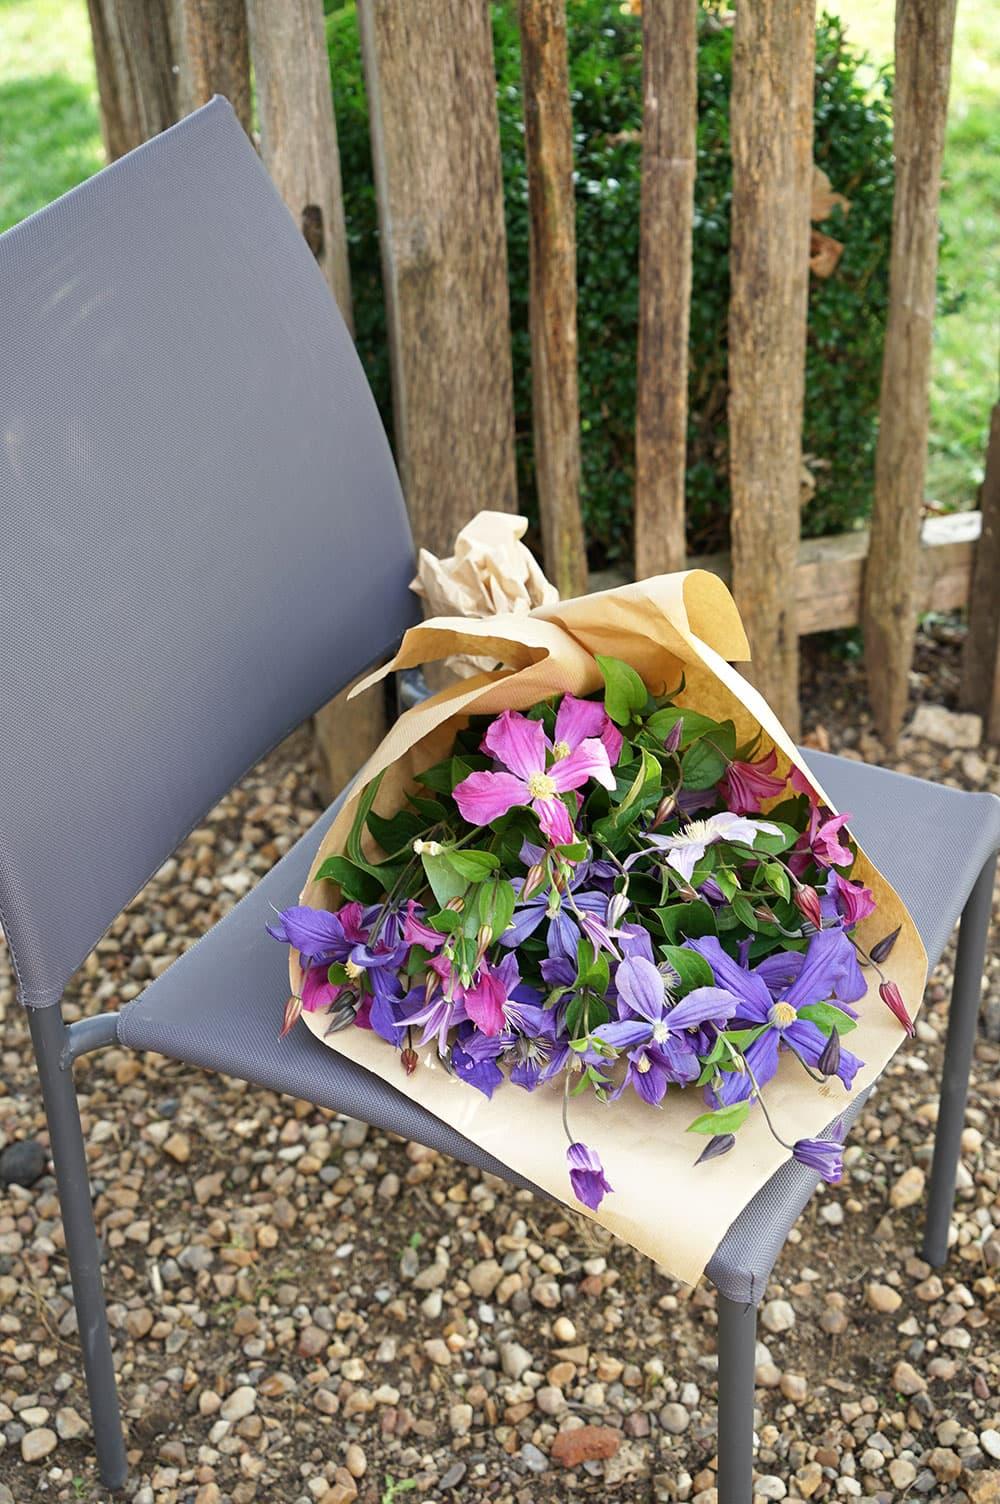 Bouquet de clématites